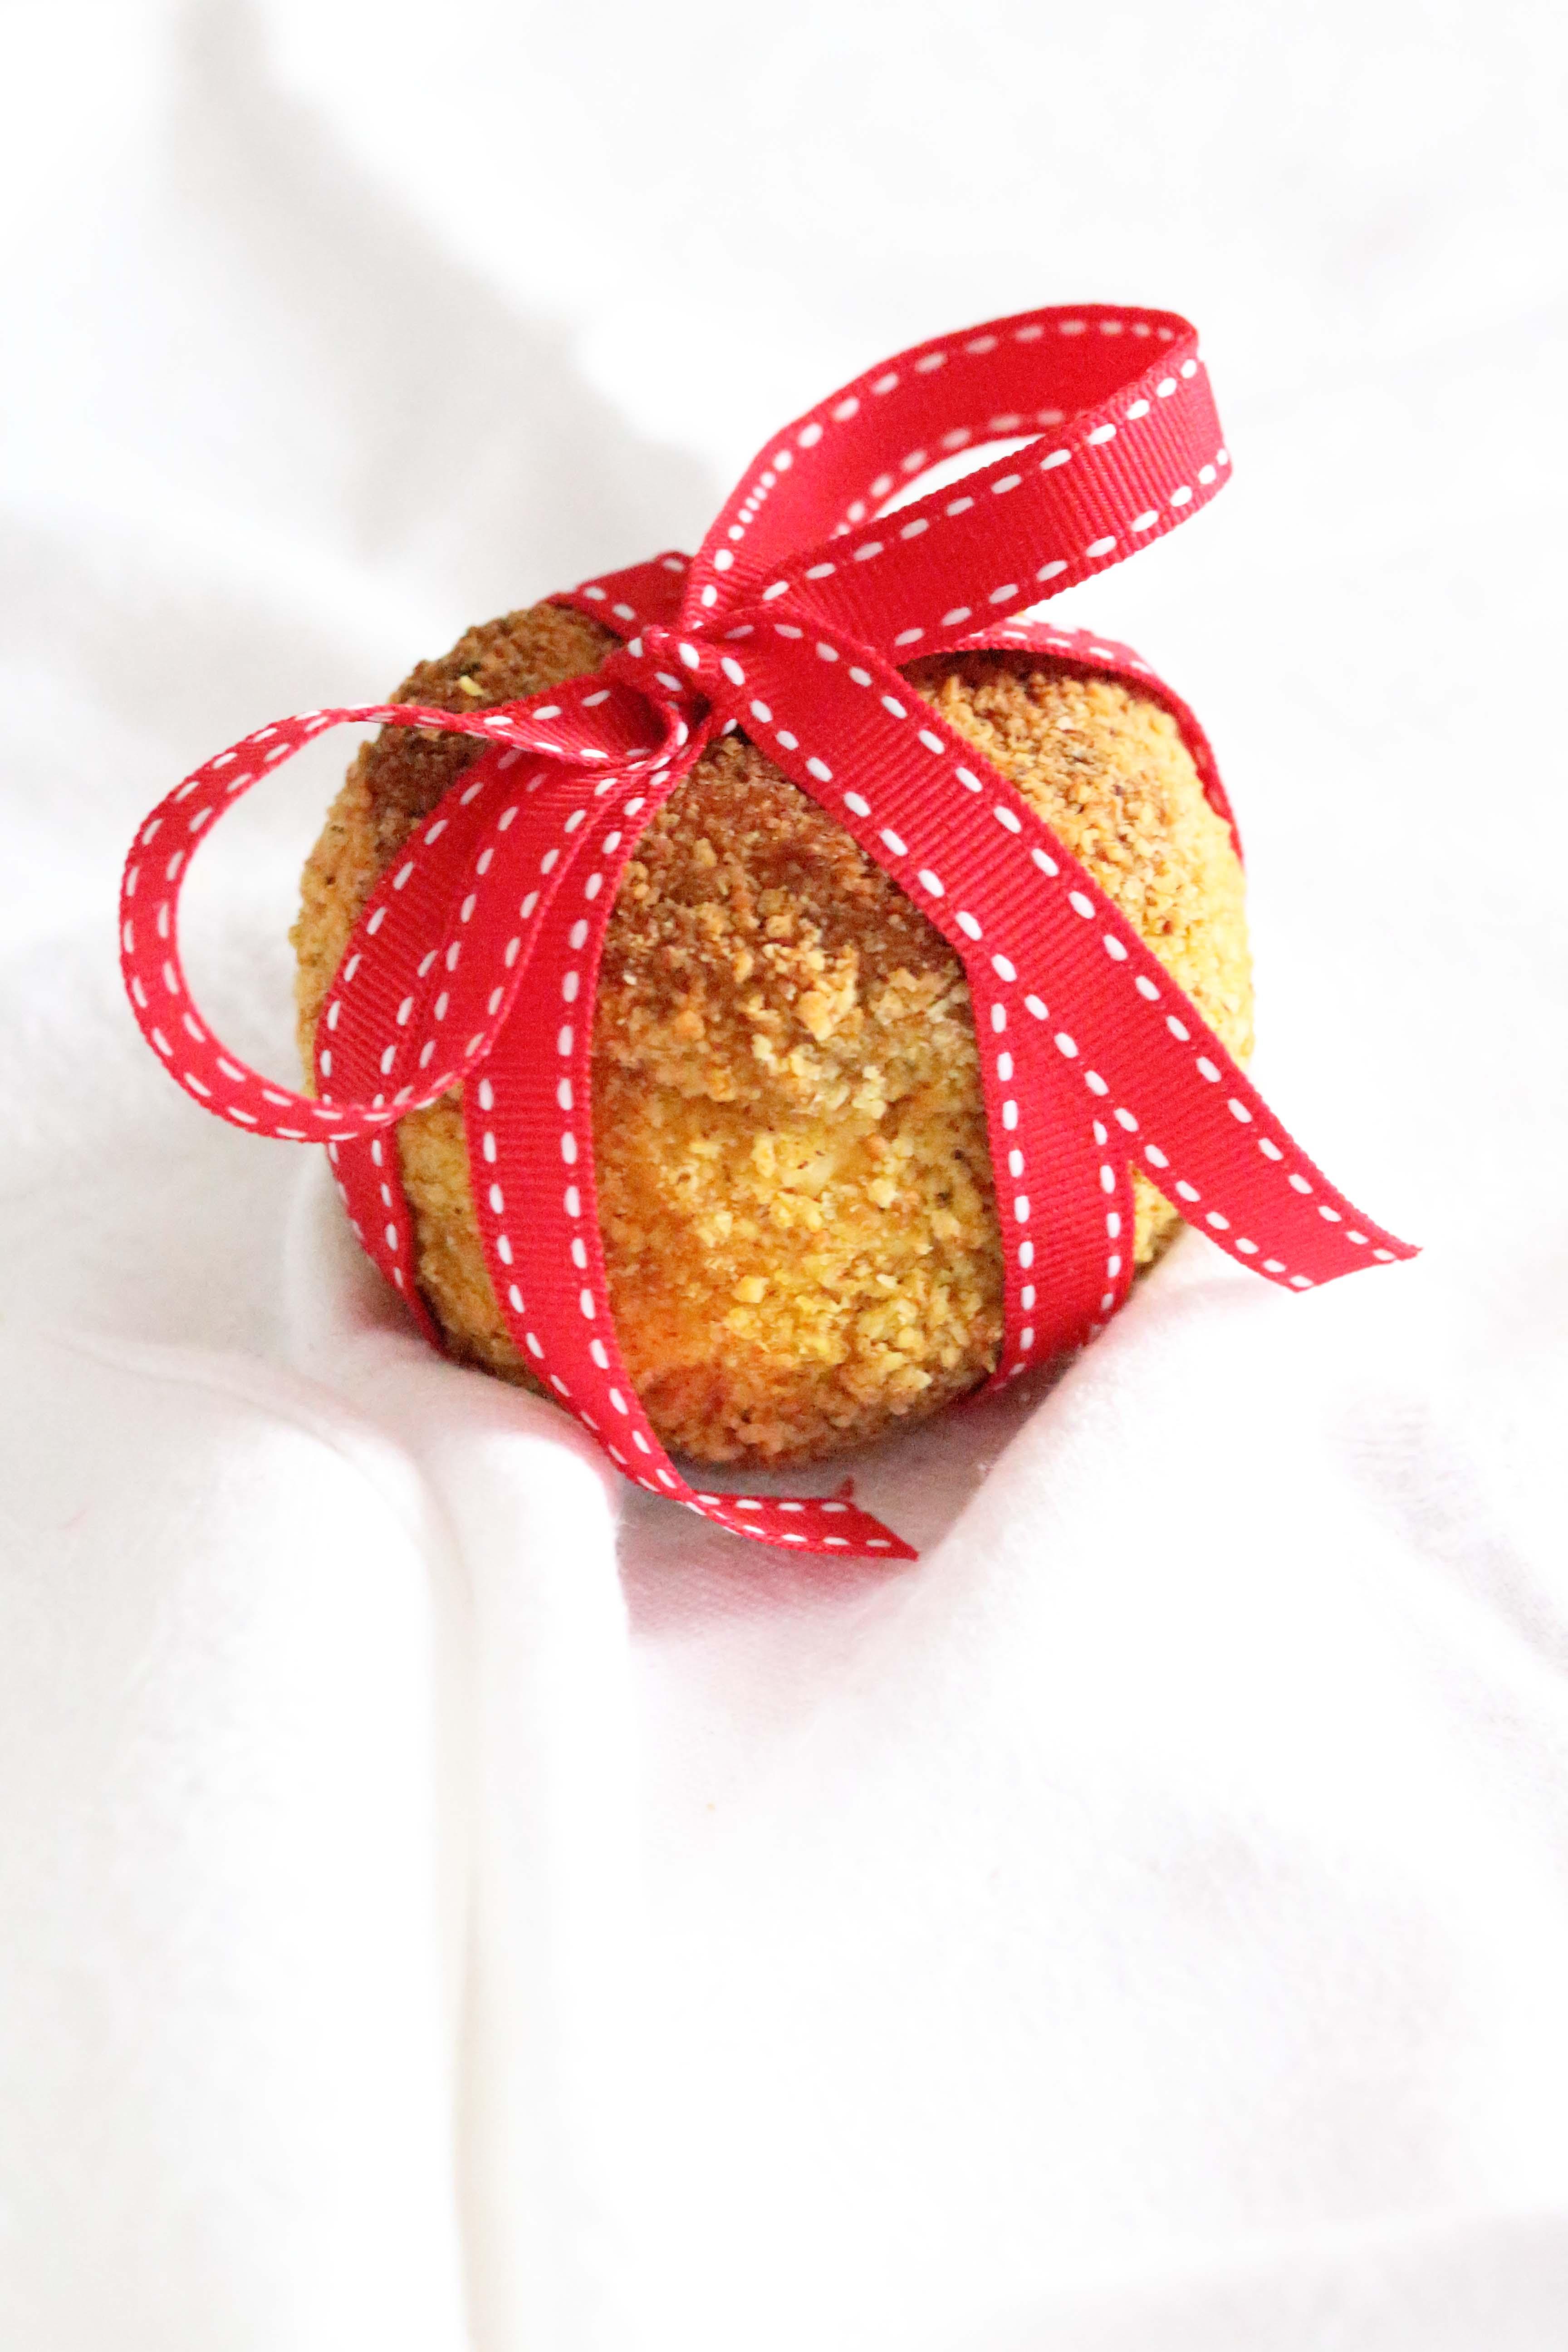 recette_oeuf_pane_fourre_saumon_poiretcactus.com